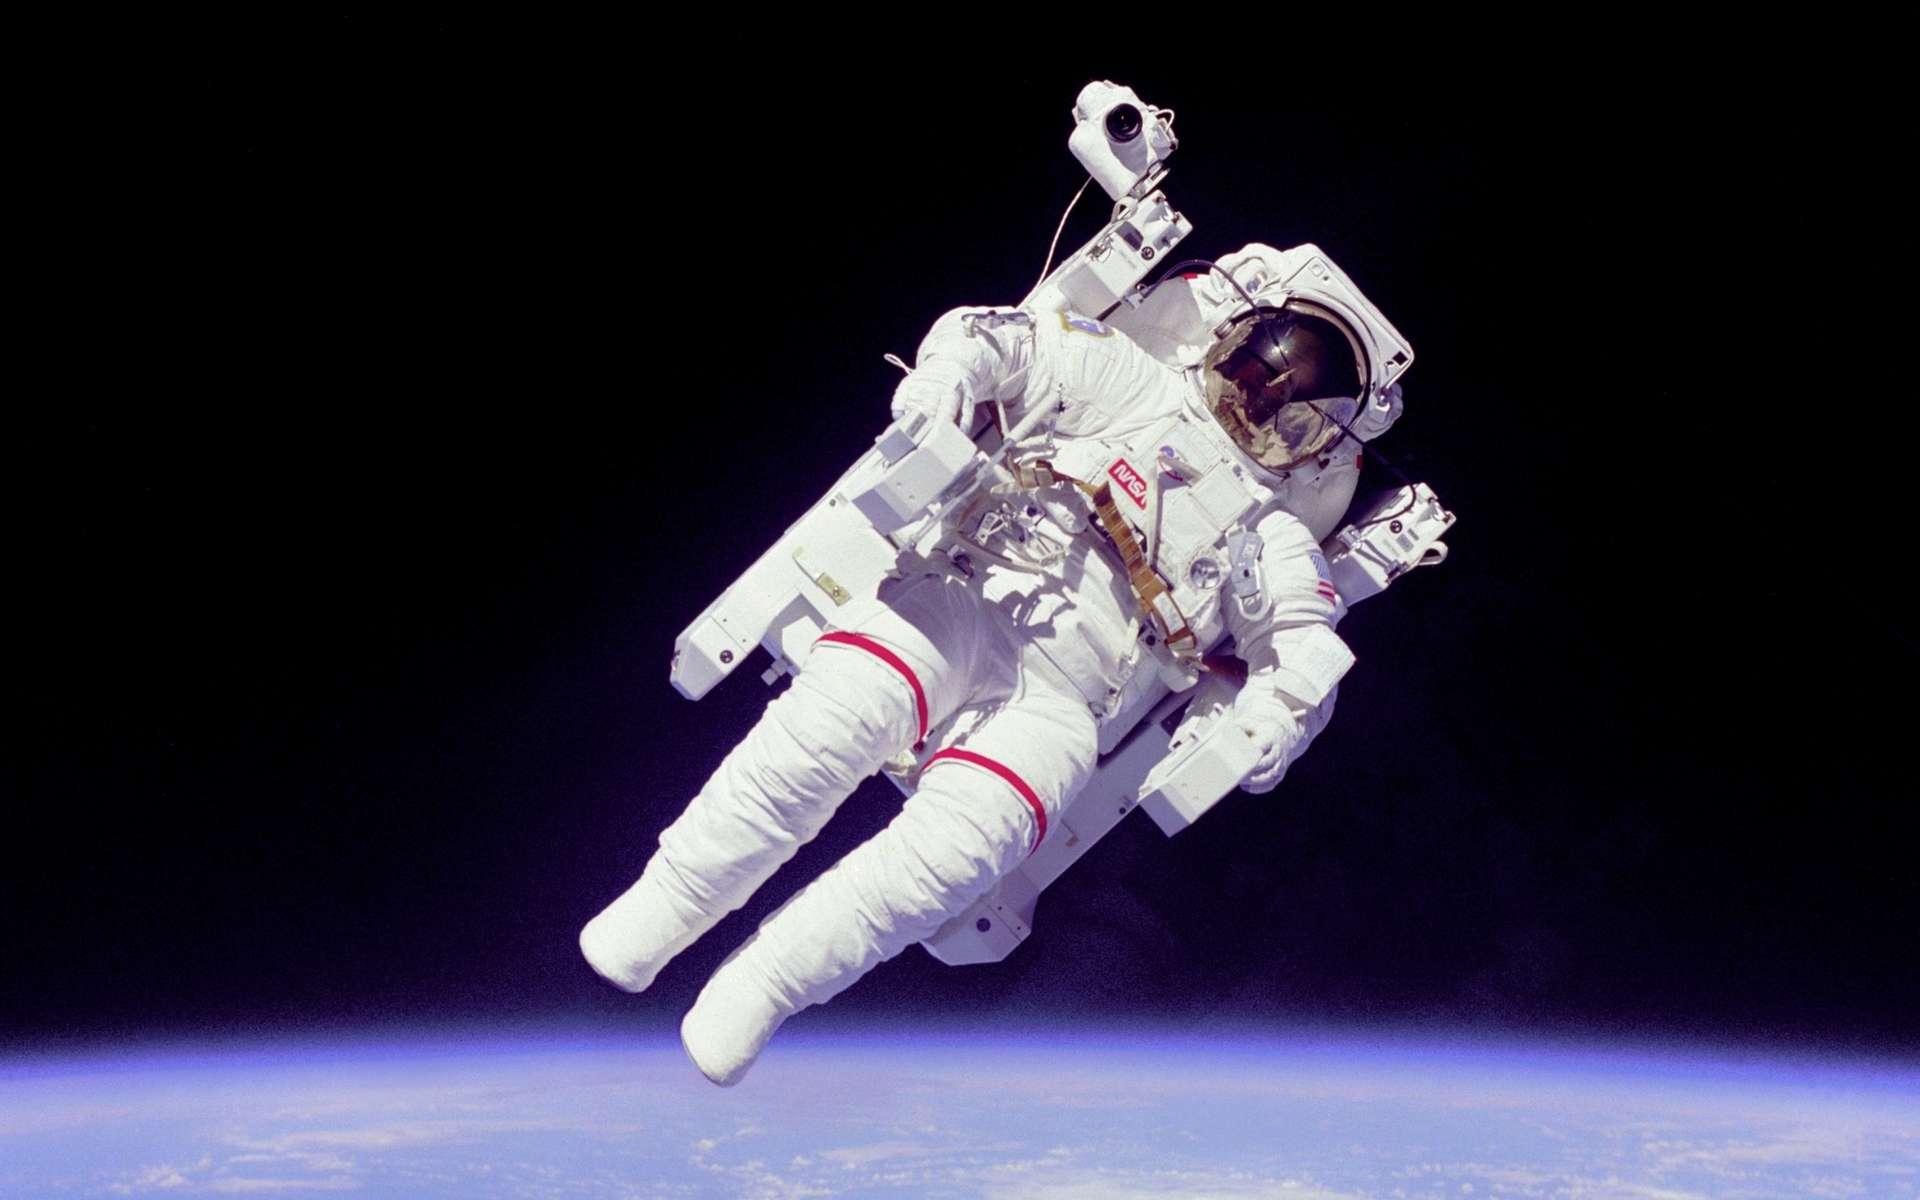 L'astronaute Bruce McCandless II lors de la mission STS-41B en 1984, à quelques mètres de la navette spatiale Challenger et lors de la toute première sortie libre dans l'espace. © Nasa